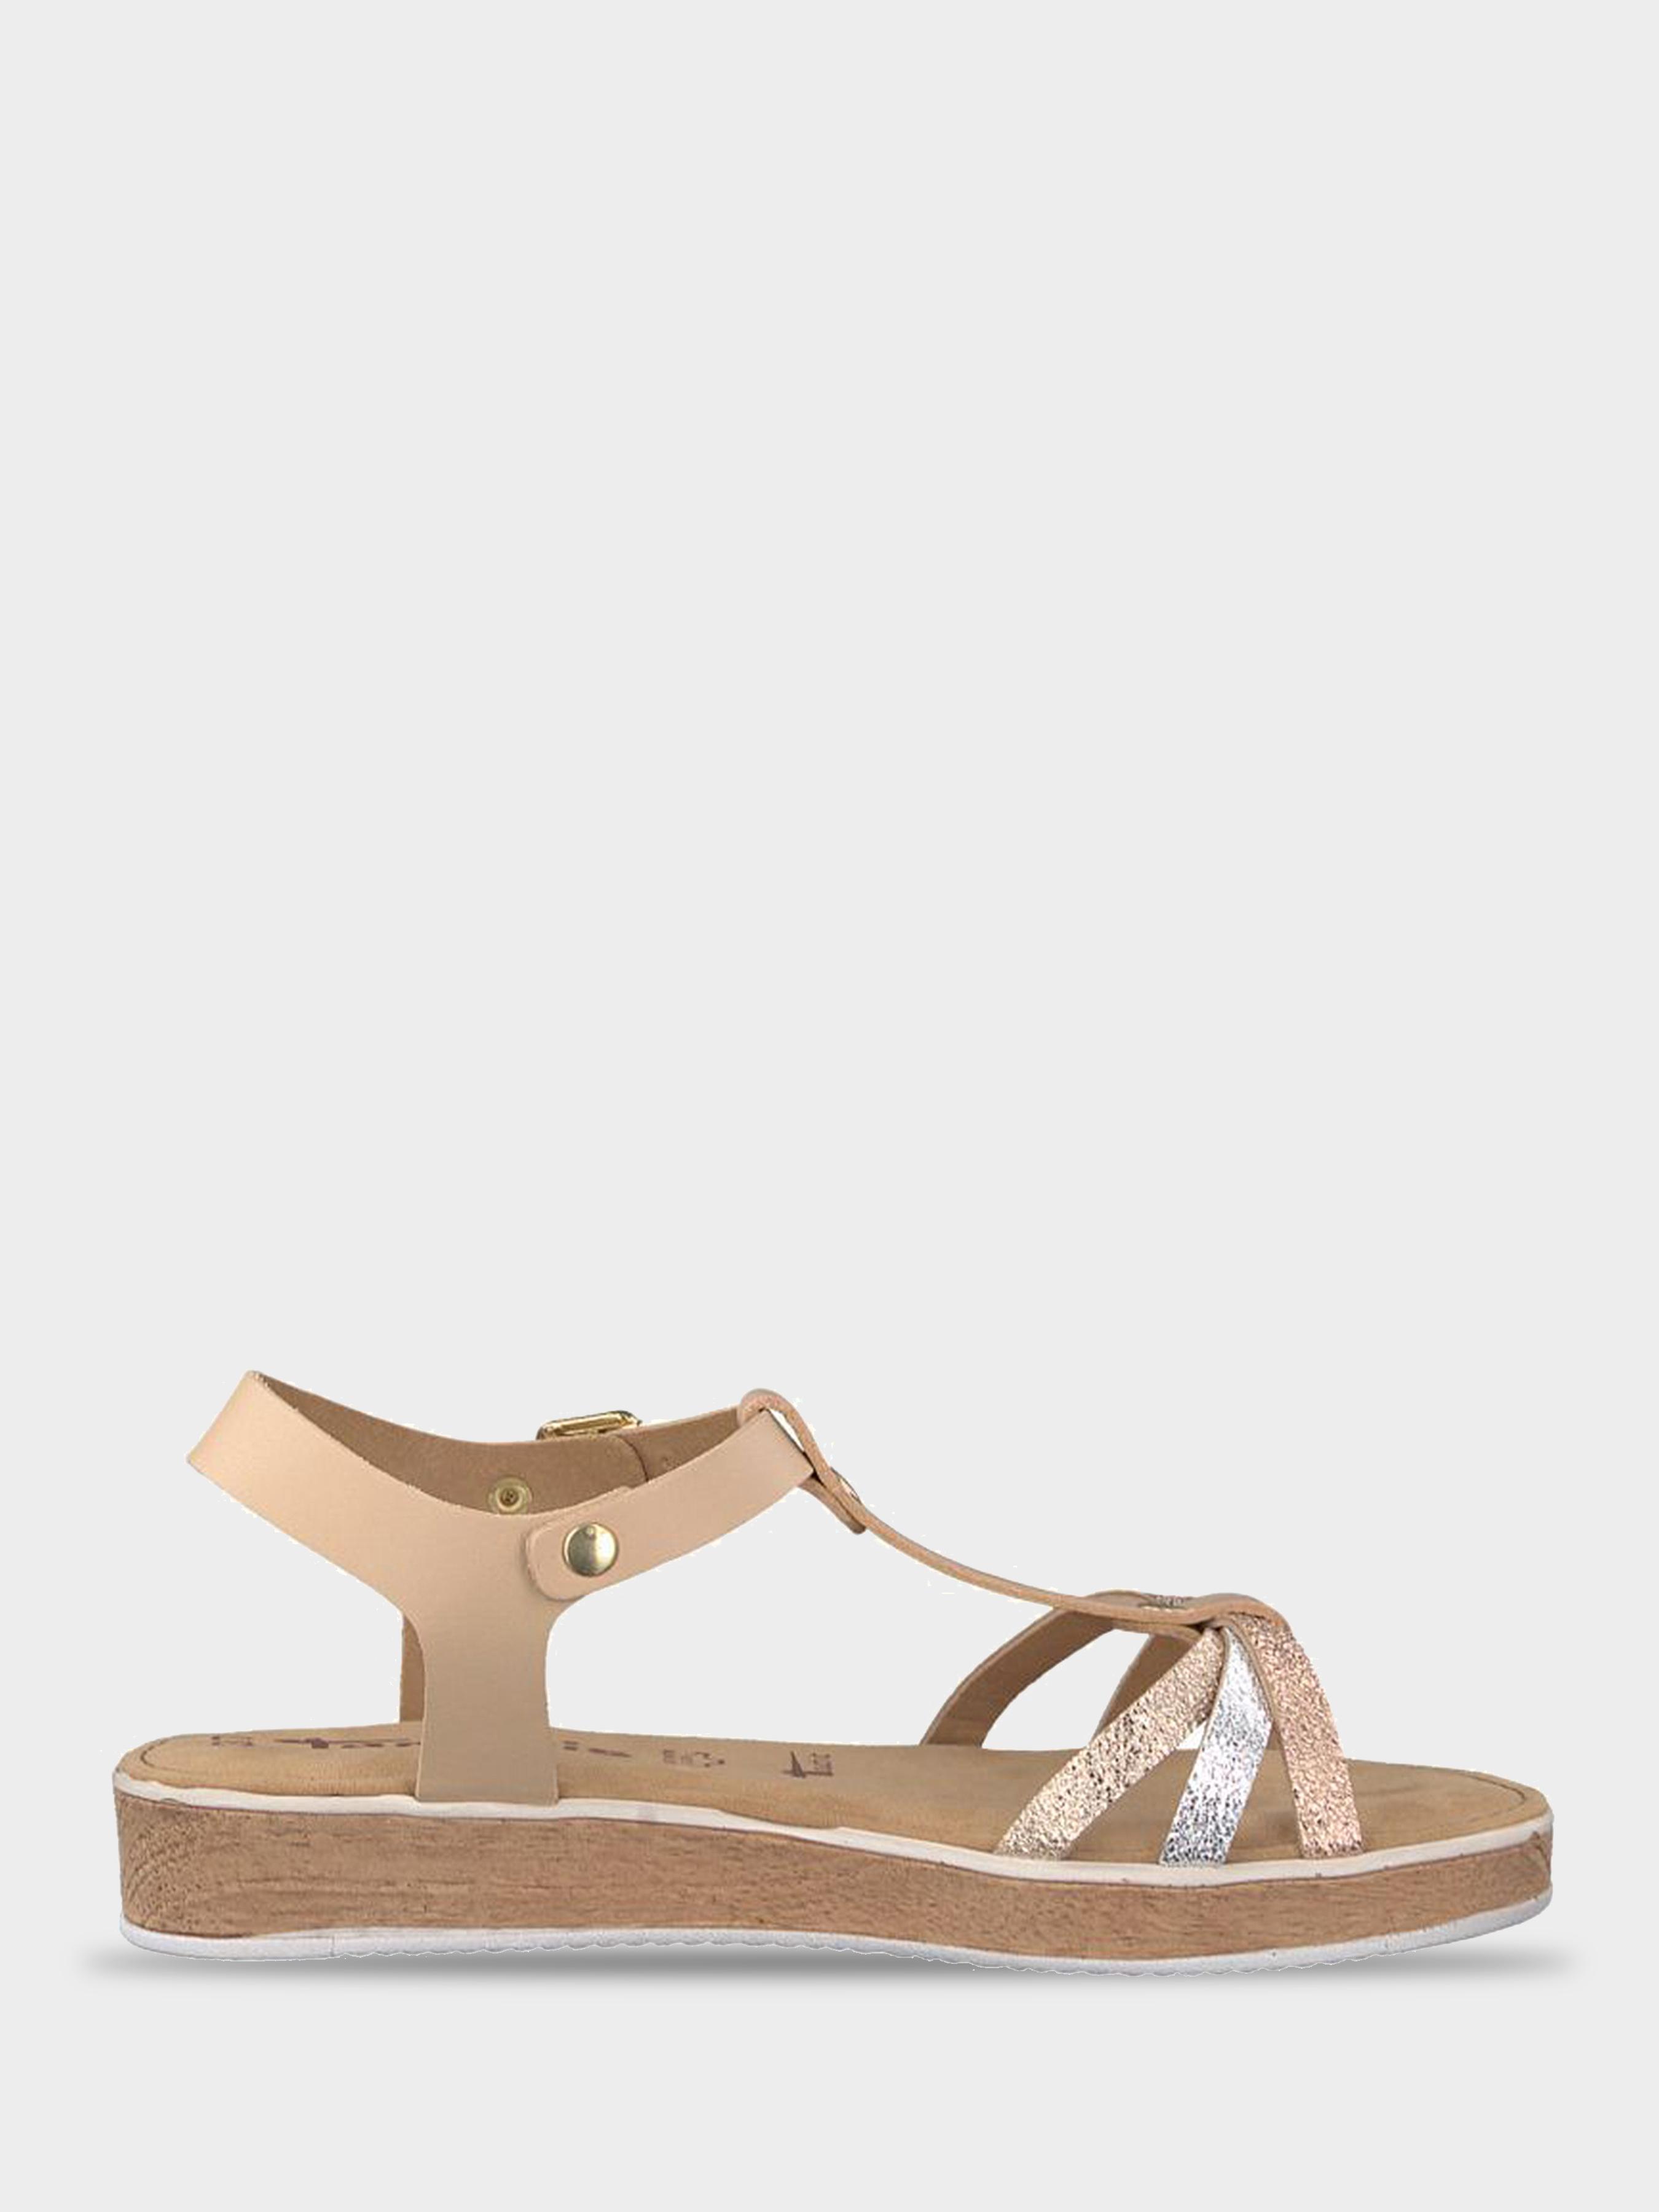 Сандалии для женщин Tamaris IS428 размерная сетка обуви, 2017